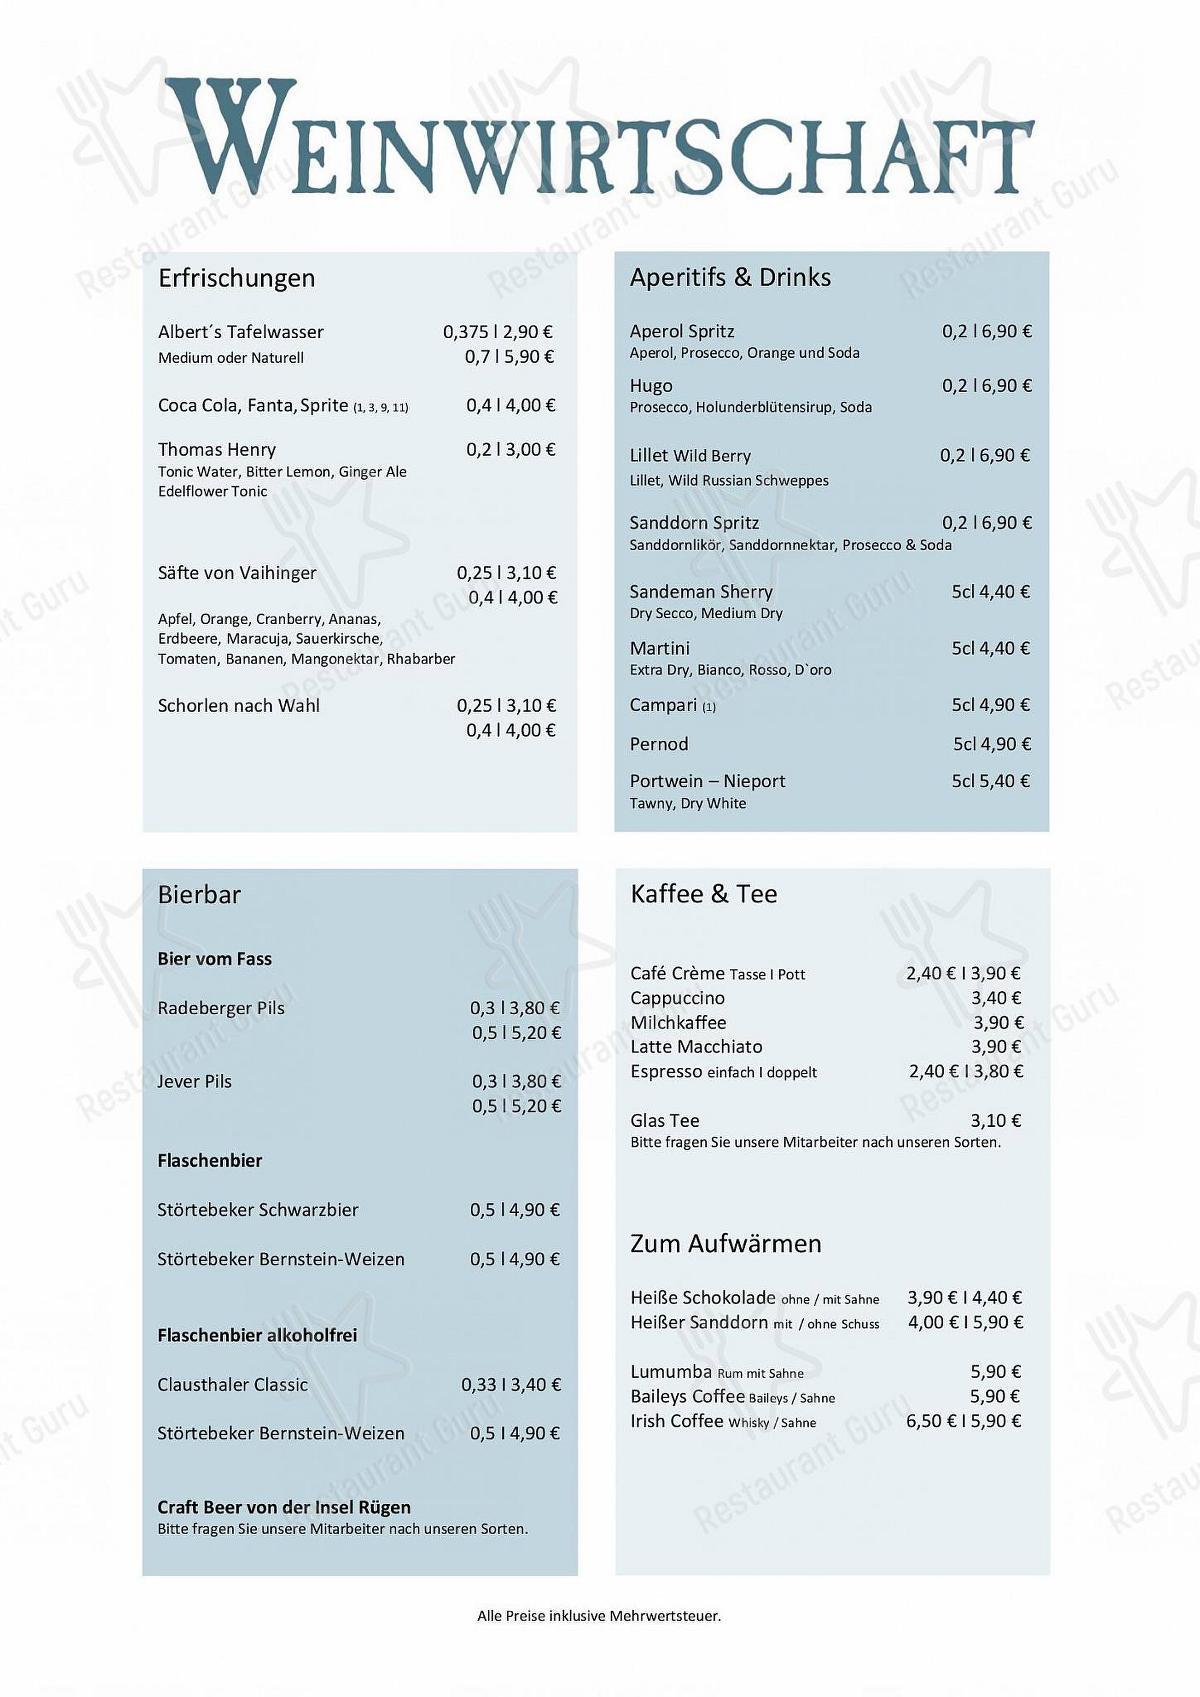 Menu pour Weinwirtschaft pub et bar